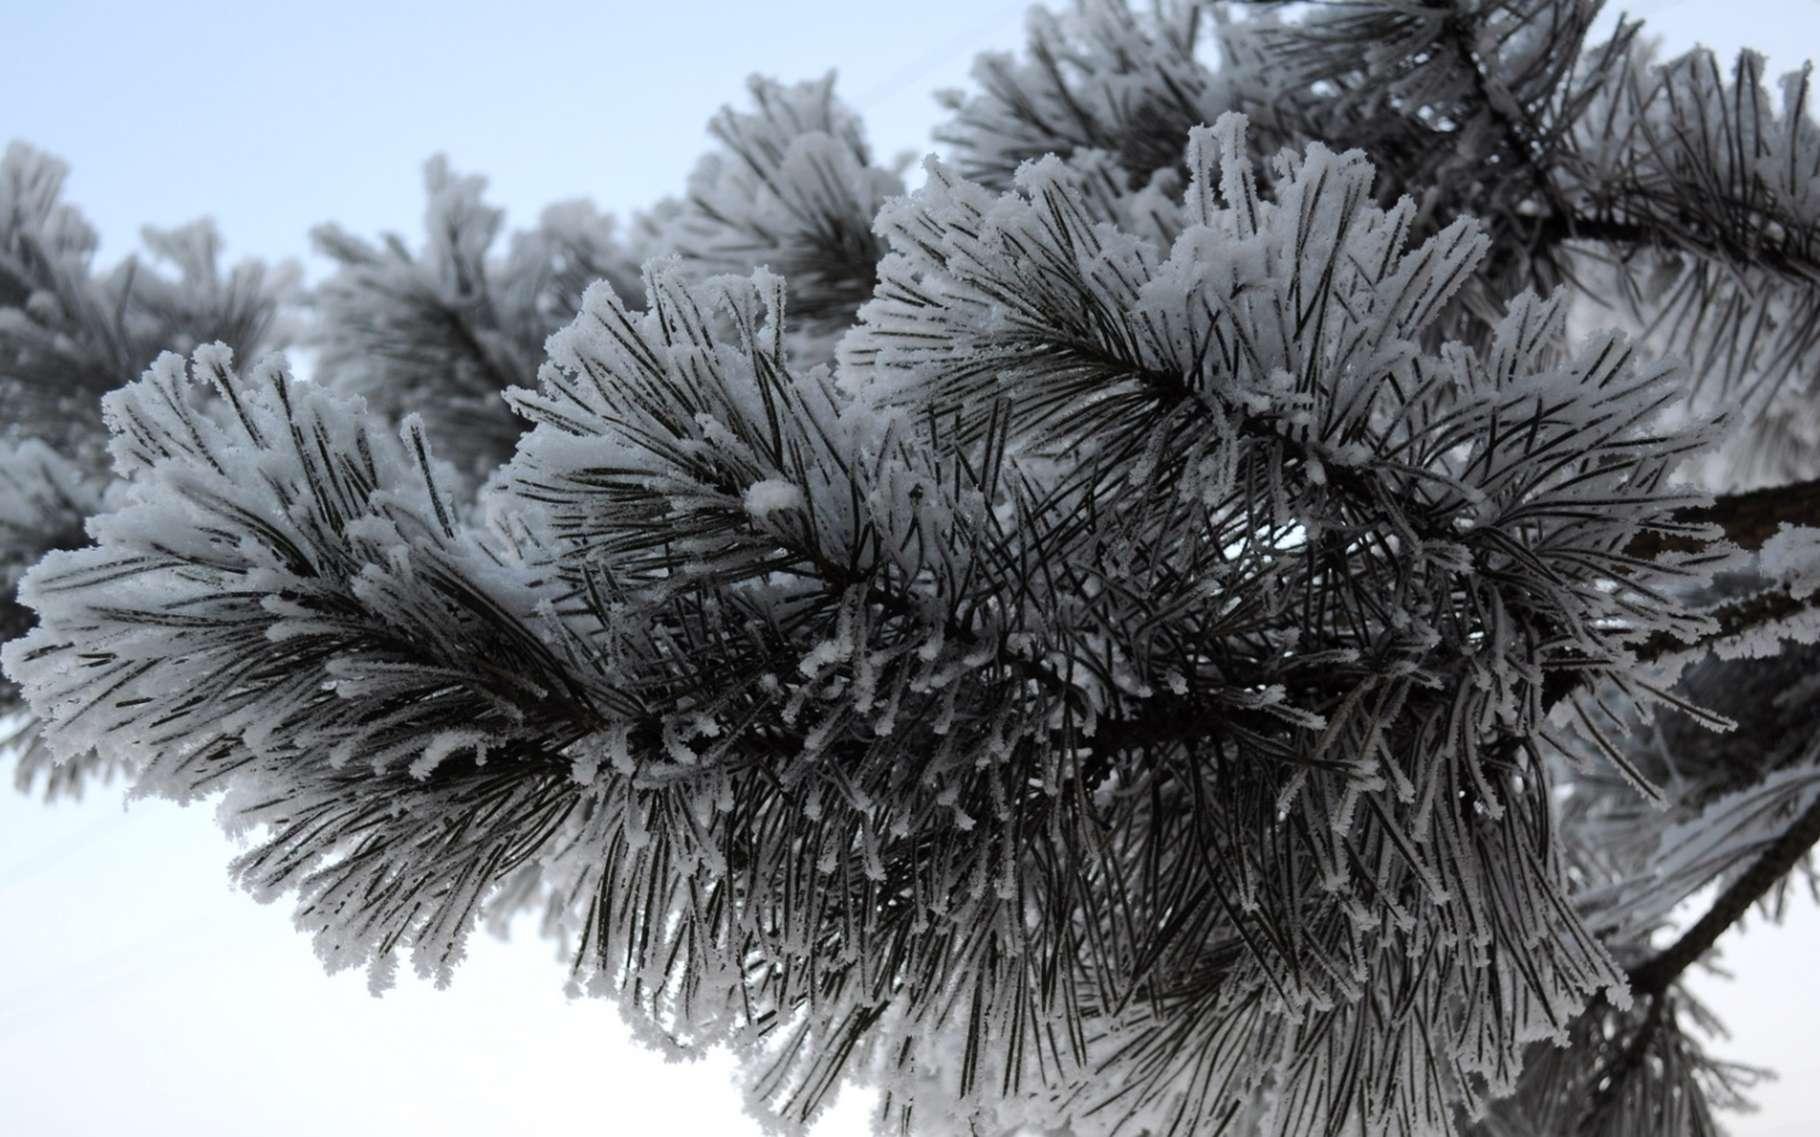 Les sapins naturels portent une faune peu visible, réveillée par la chaleur du foyer. Les plantes en pot amenées à la maison sont dans le même cas... © Domaine public